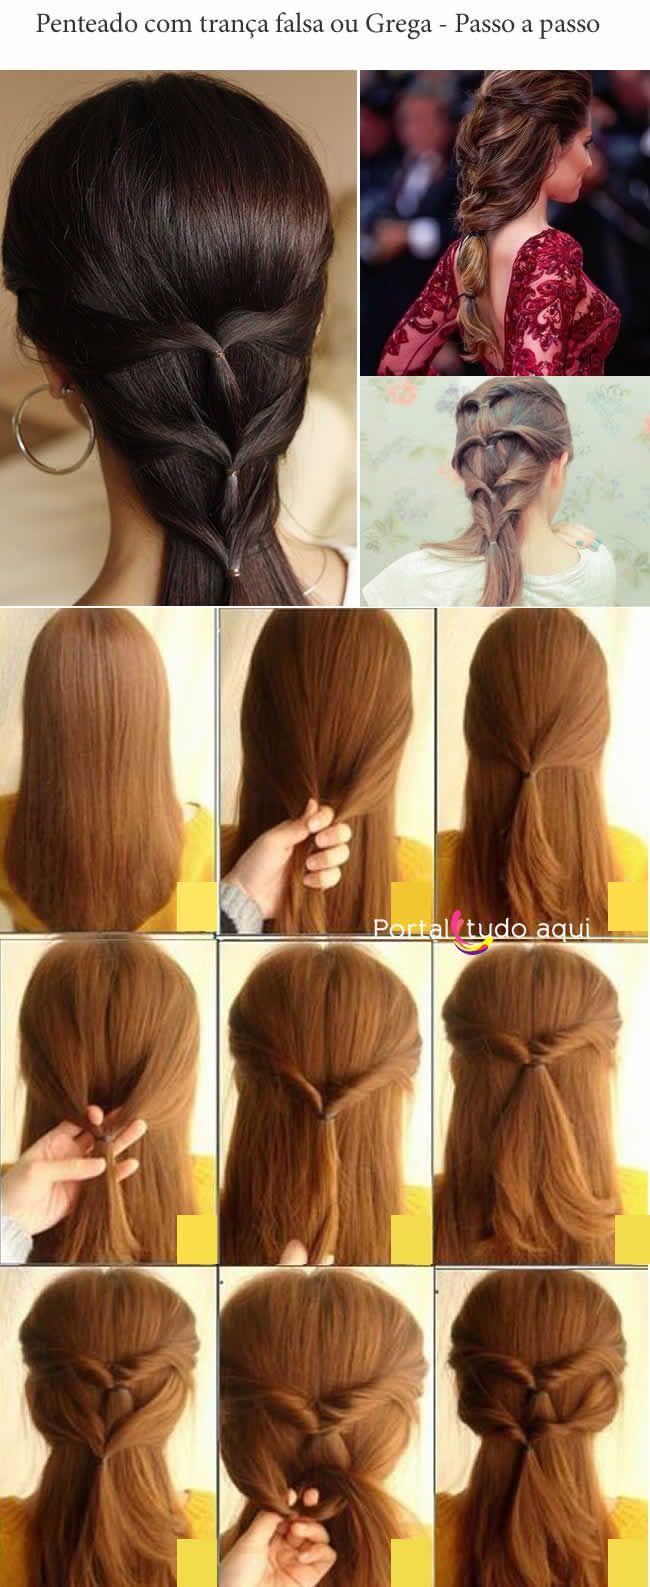 Top seleção dos mais lindos penteados para debutantes com o passo-a-passo -Portal Tudo Aqui